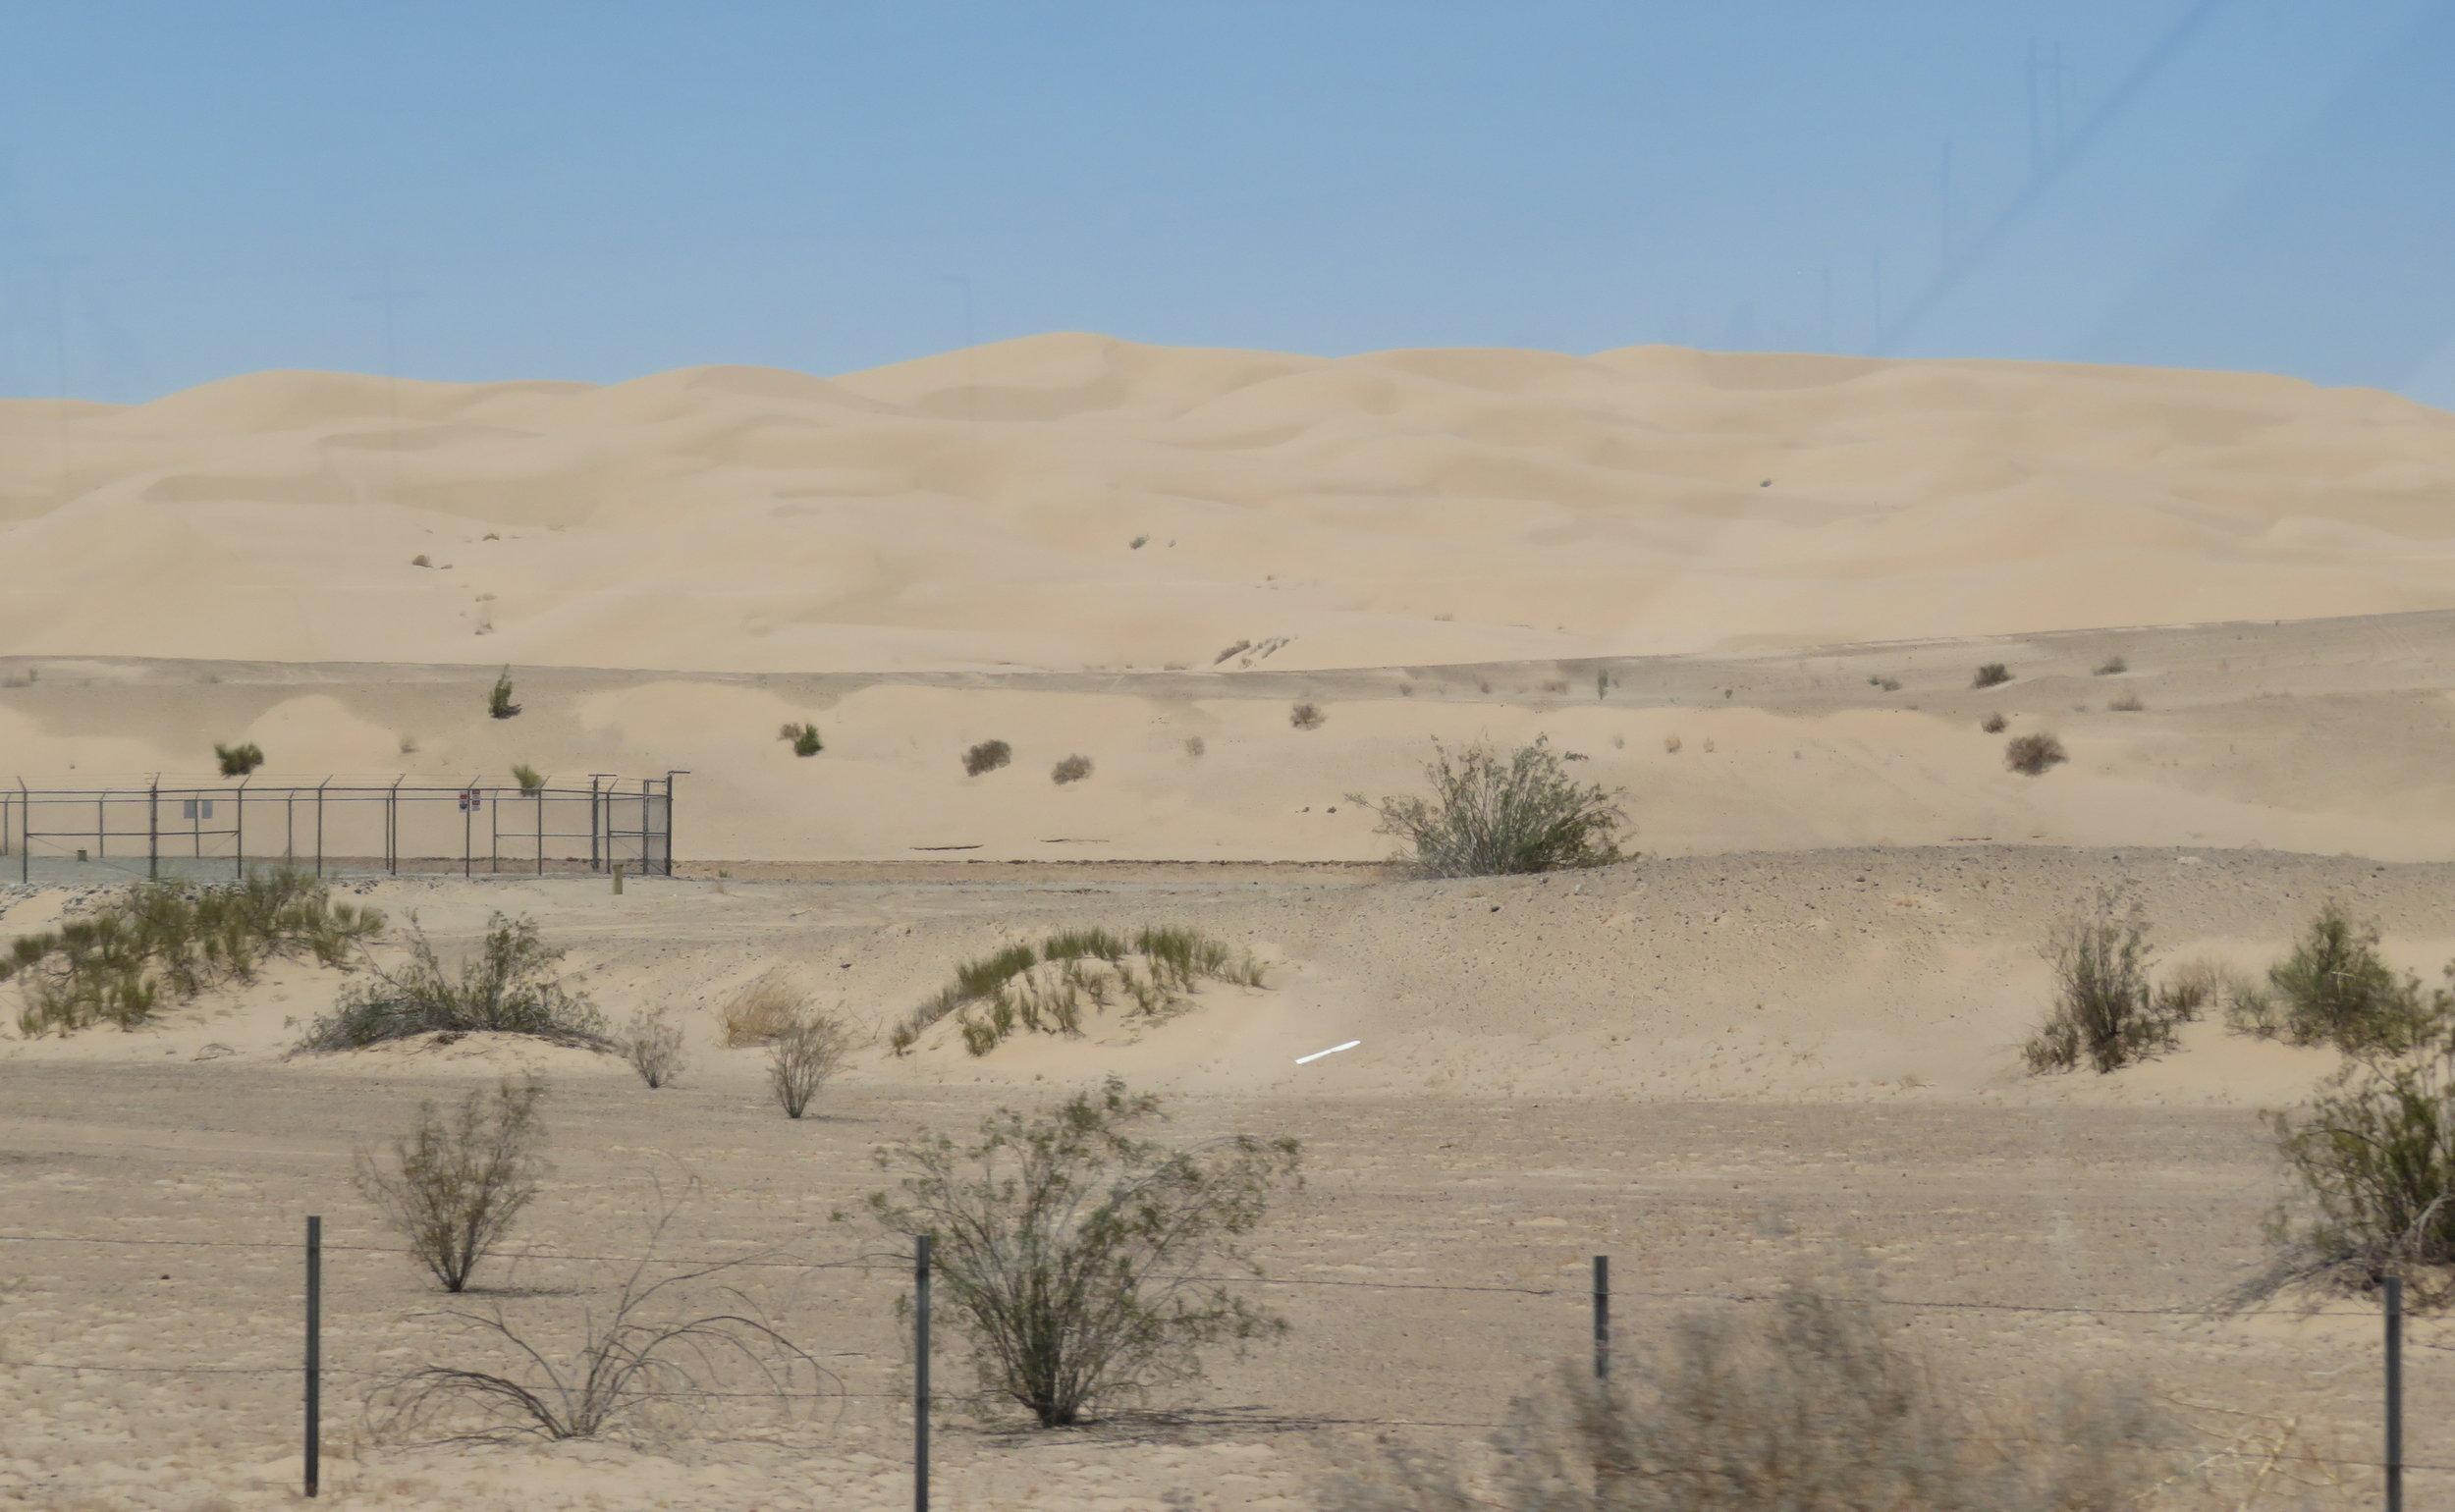 yuma_sand dunes.JPG